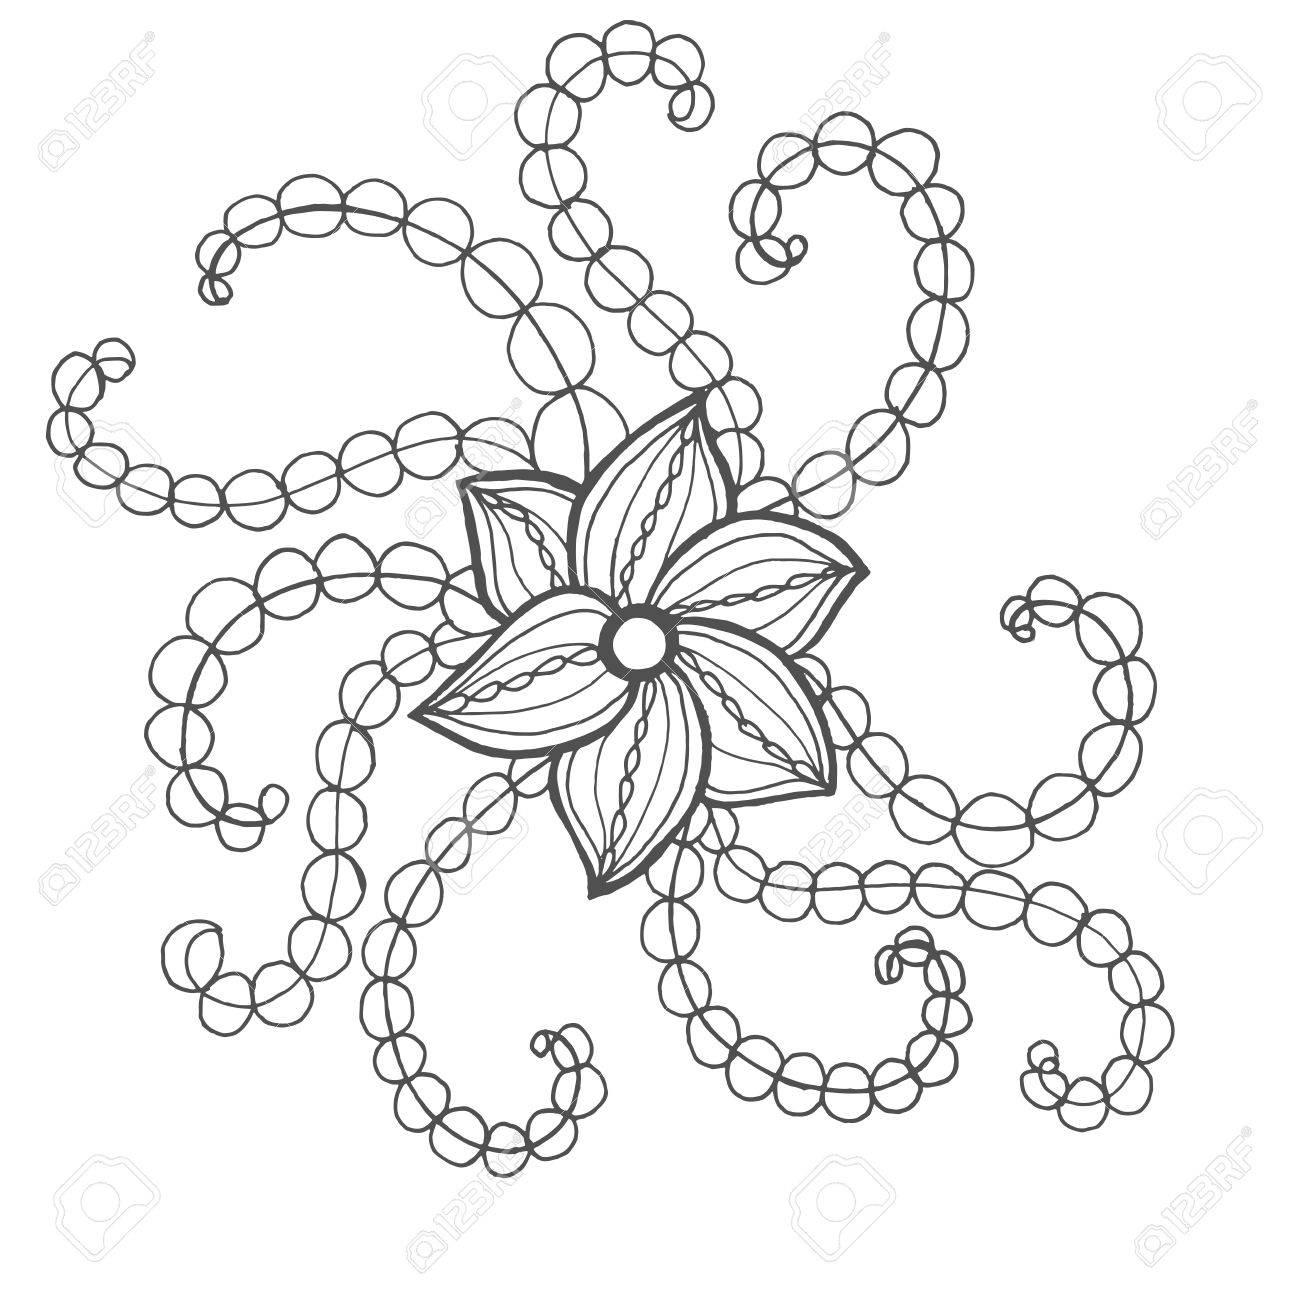 Fantasía Página De Flores Para Colorear. Dibujado A Mano Del Doodle ...